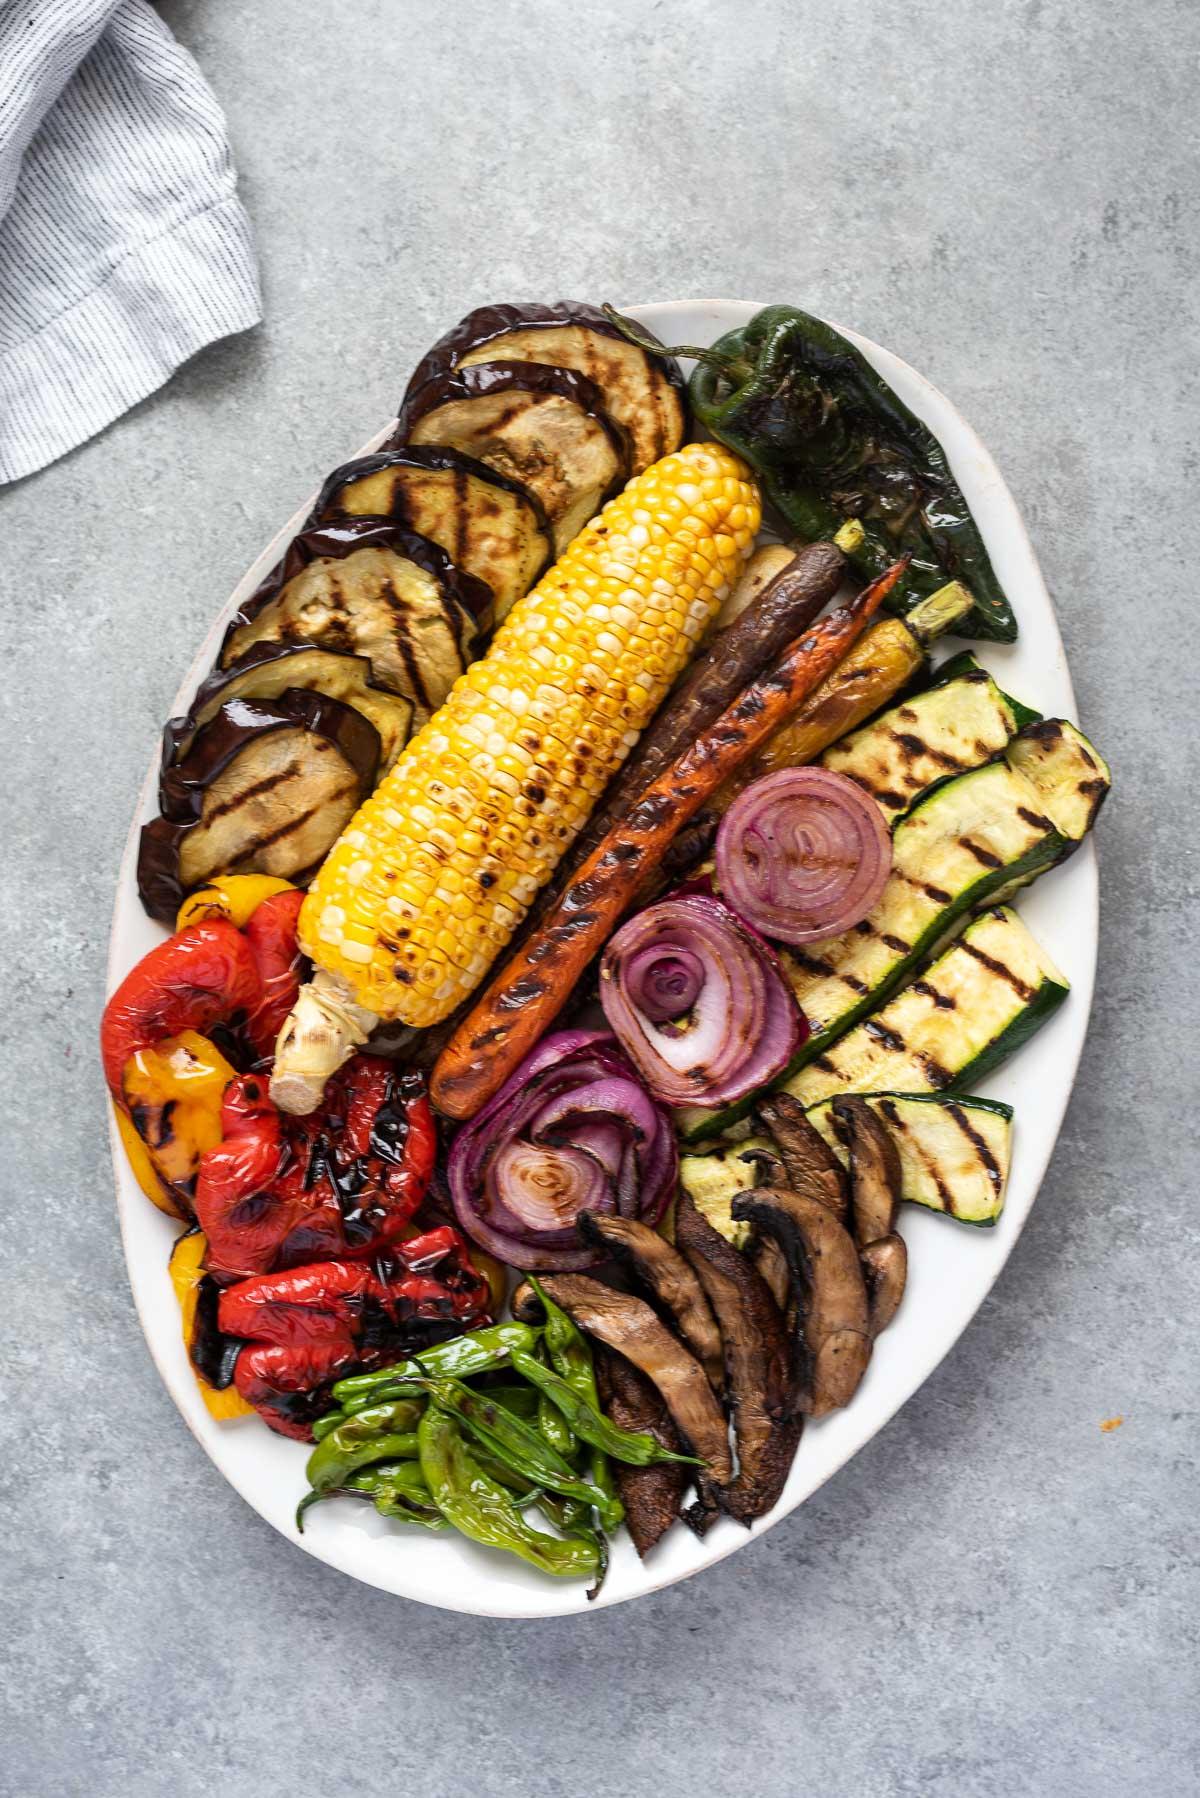 Grilled vegetables arranged on a white serving platter